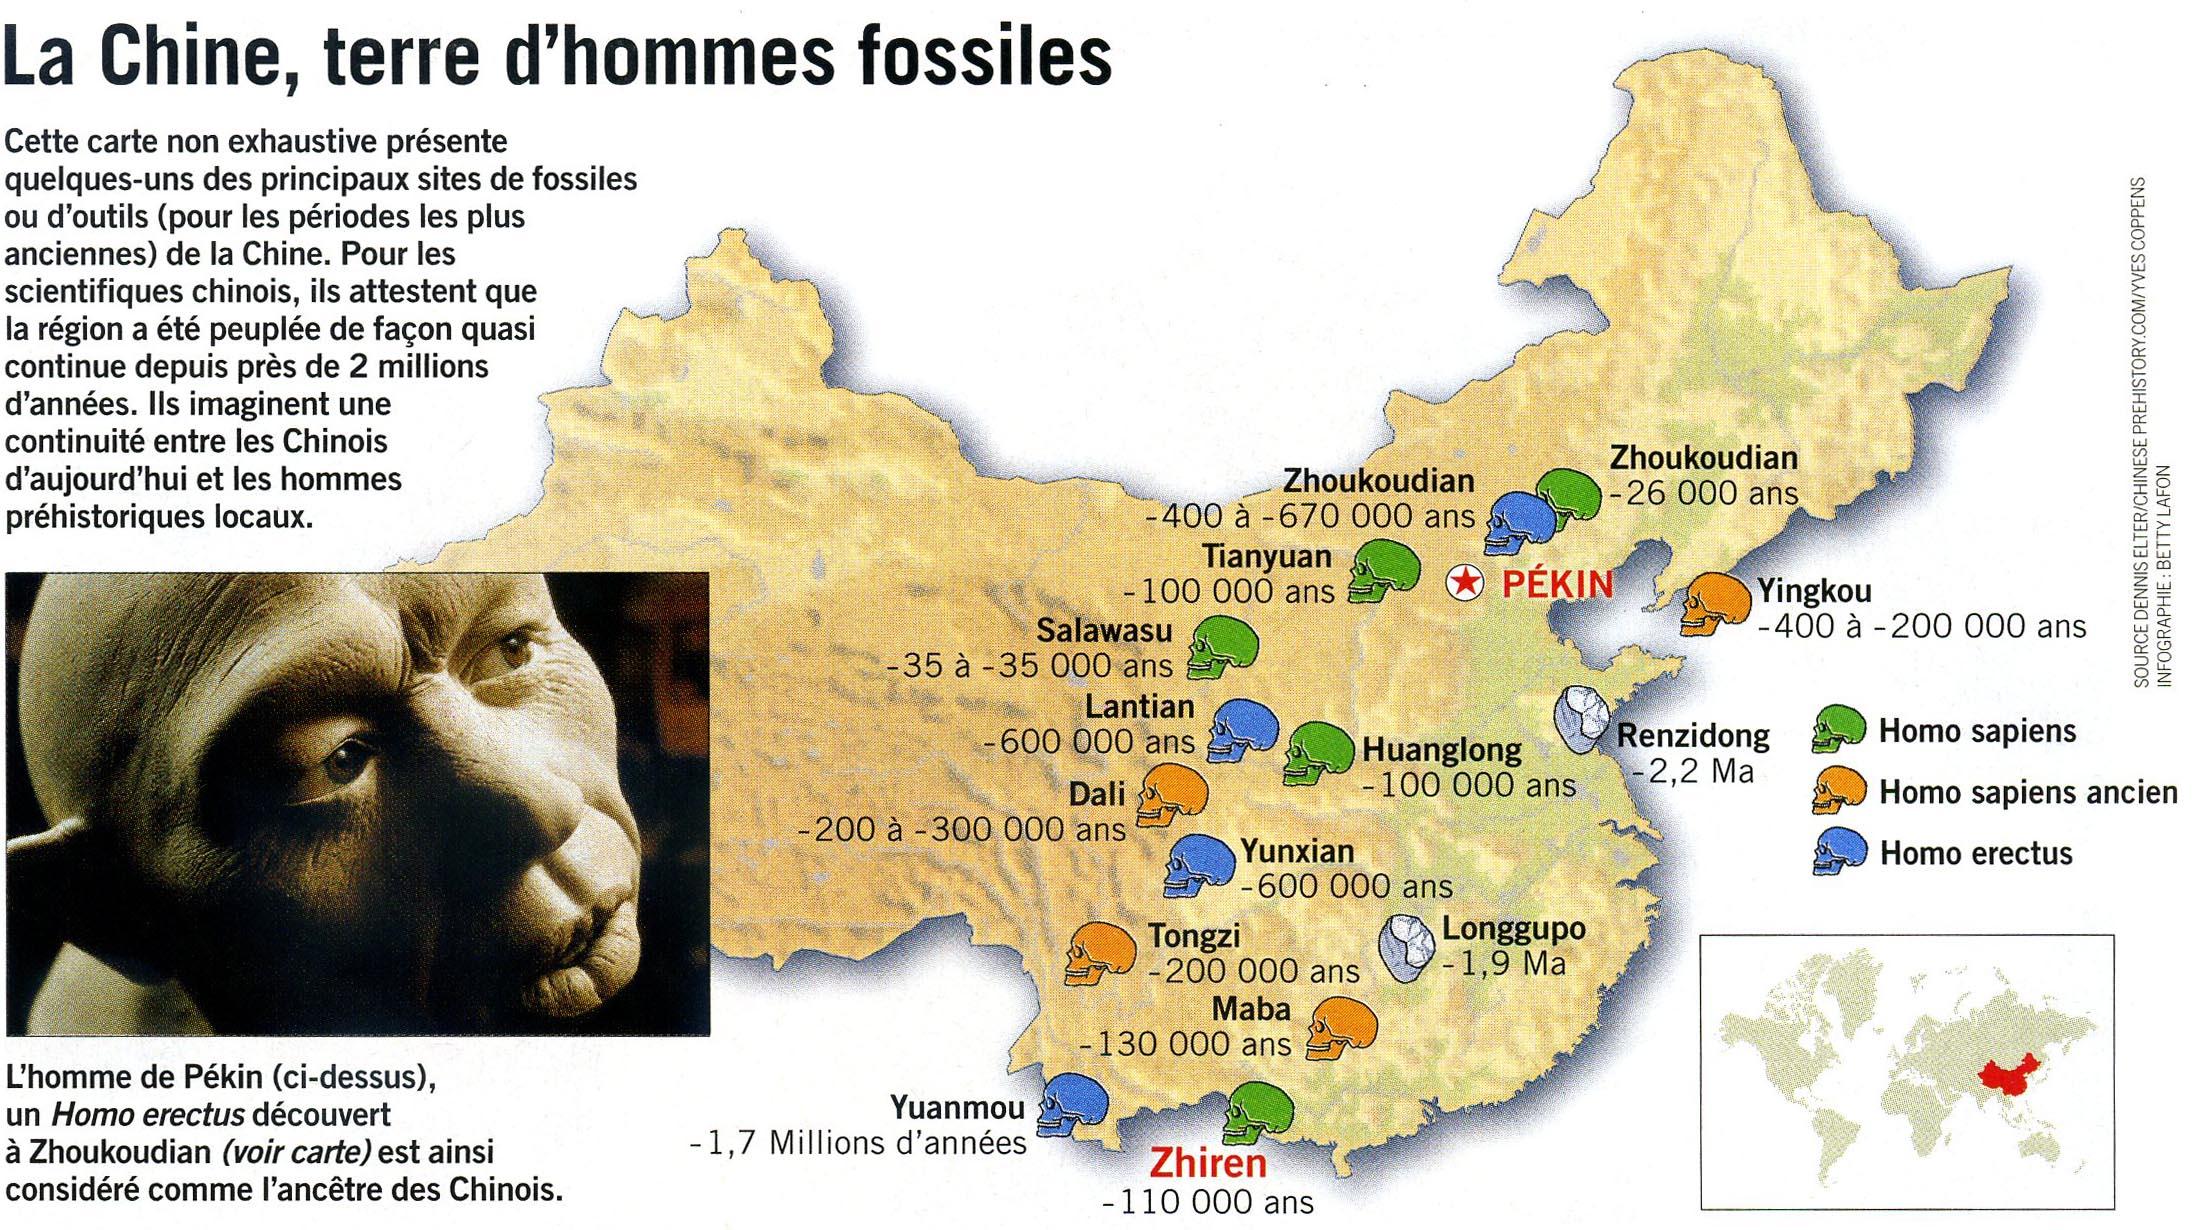 Hommes préhistoriques en Chine